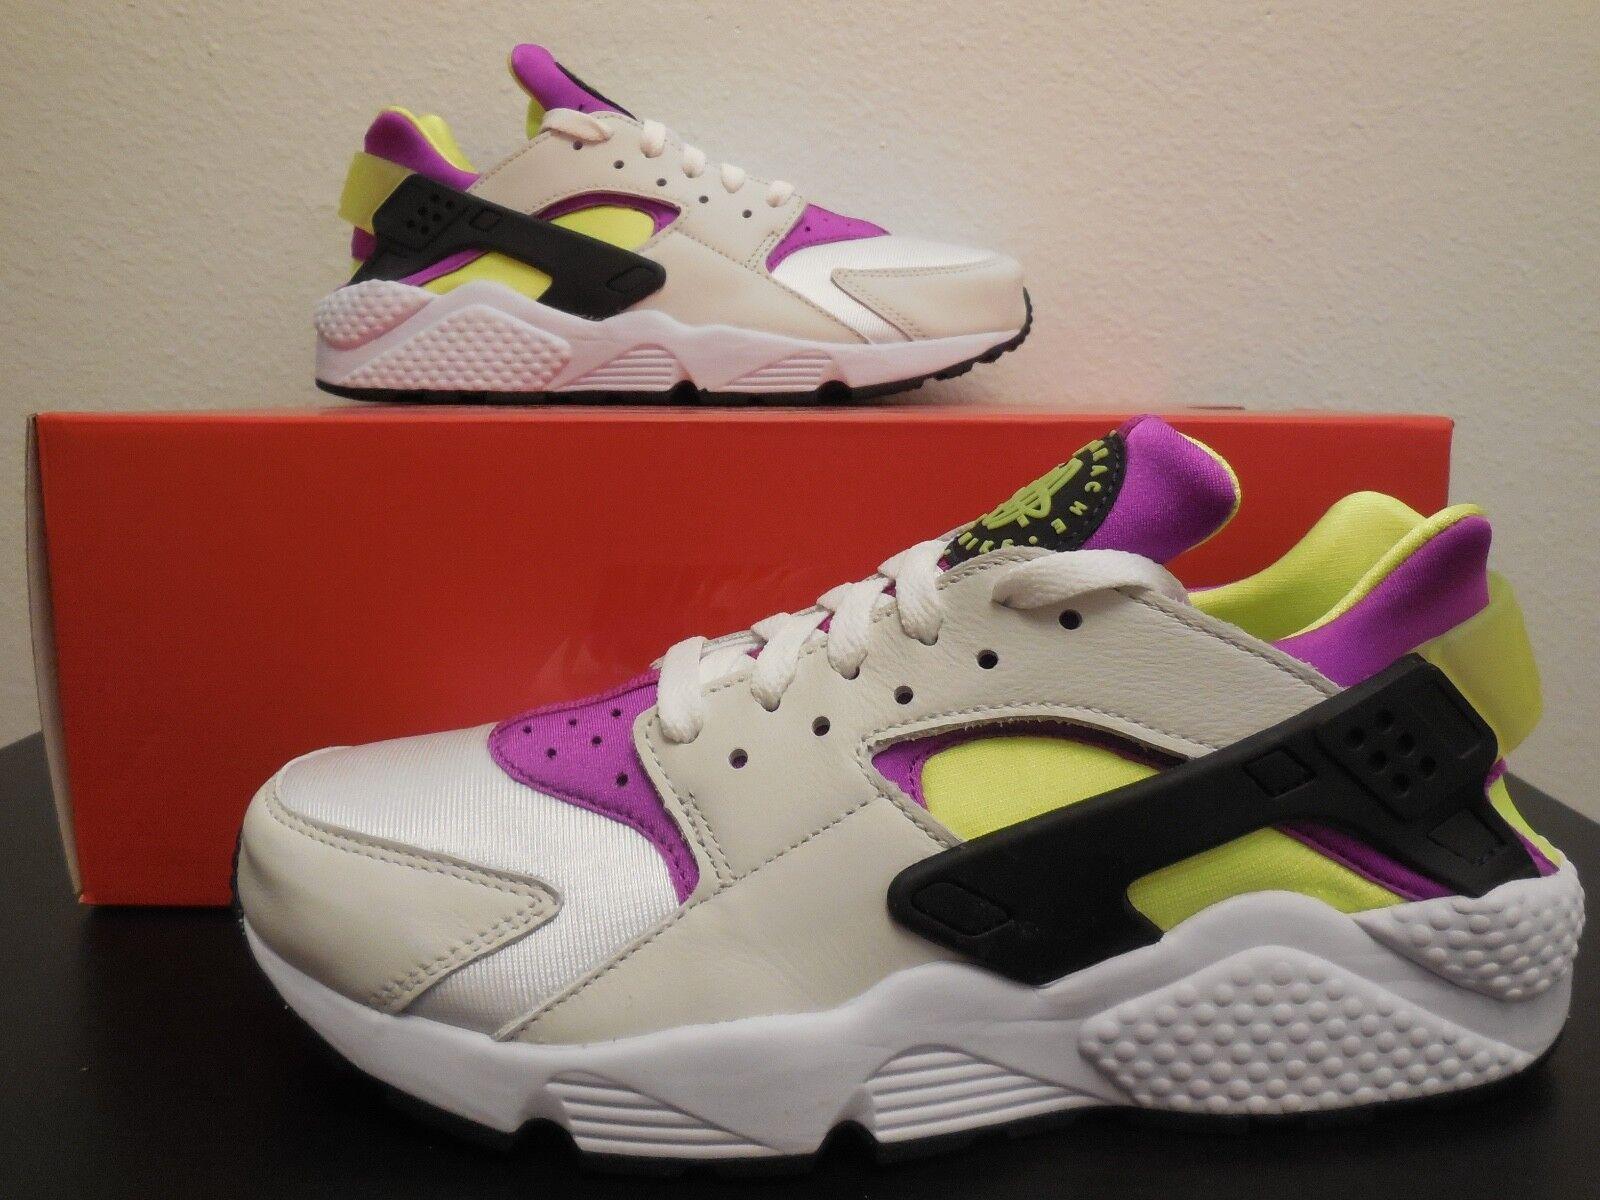 Men's Nike Air Huarache Run '91 QS shoes -Limited-StyleAH8049 101 -Sz 8.5 -NEW